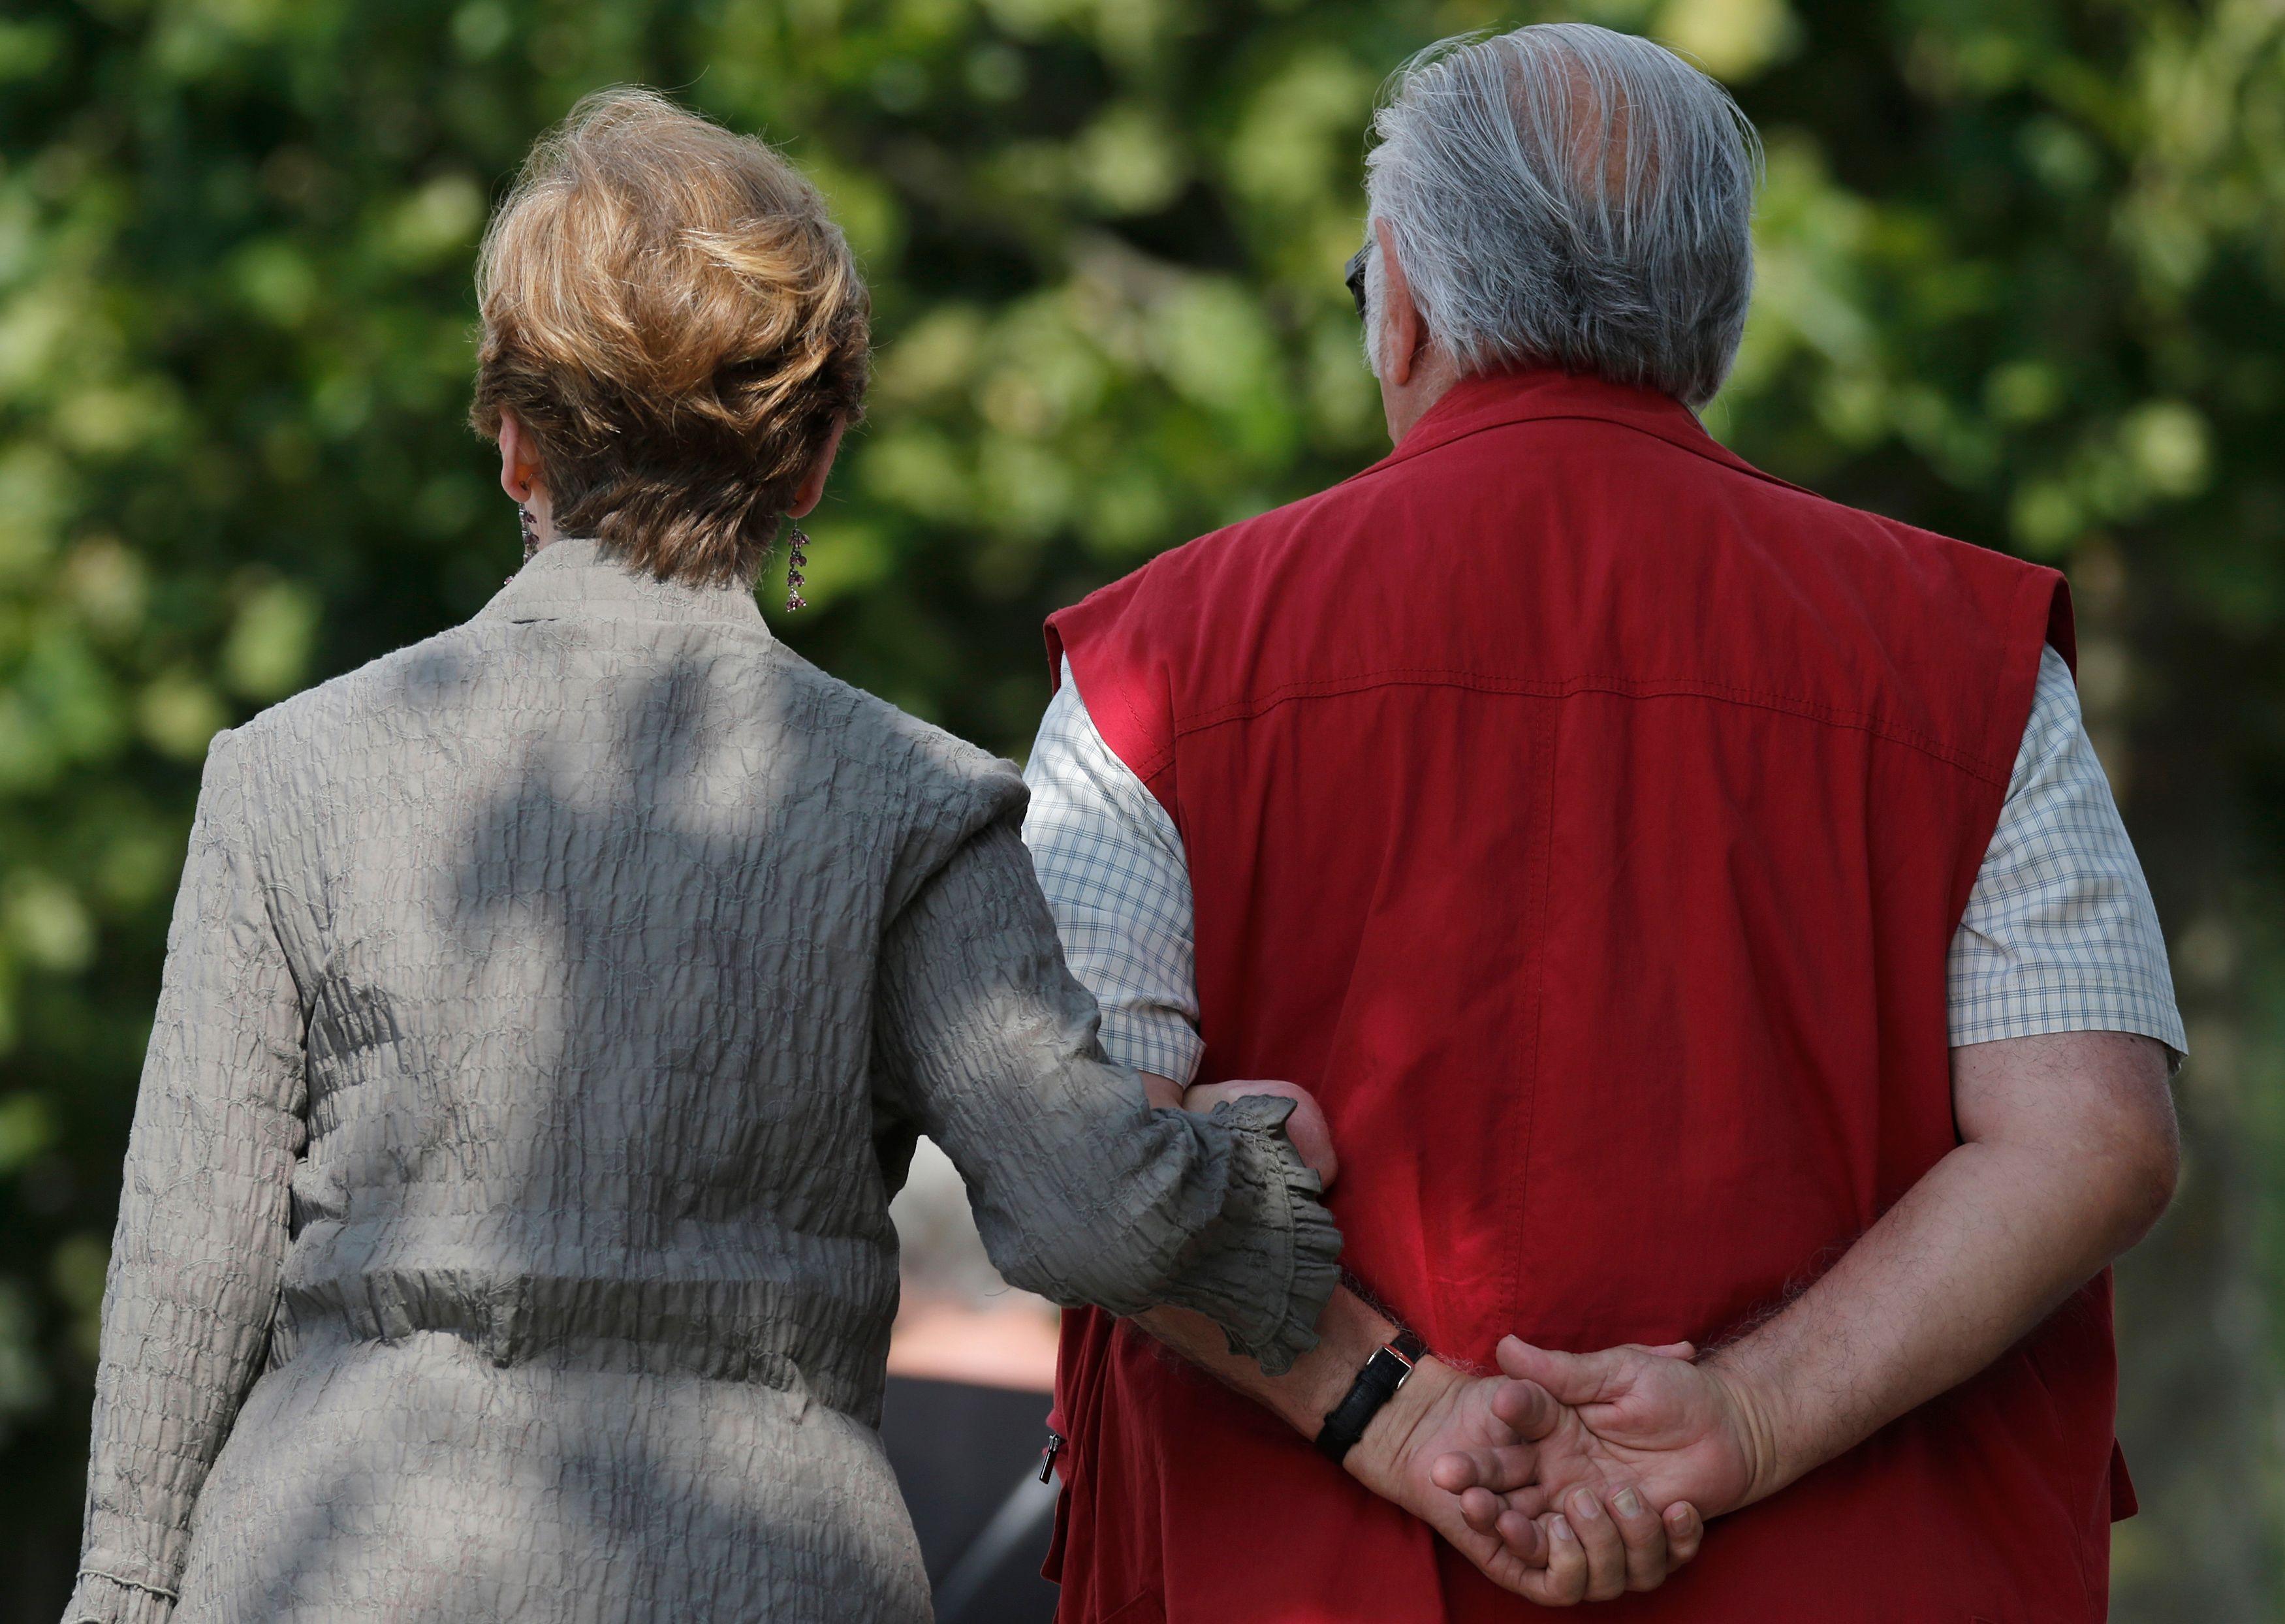 Réforme des retraites : pourquoi il serait injuste d'augmenter les taux de cotisation des actifs d'aujourd'hui